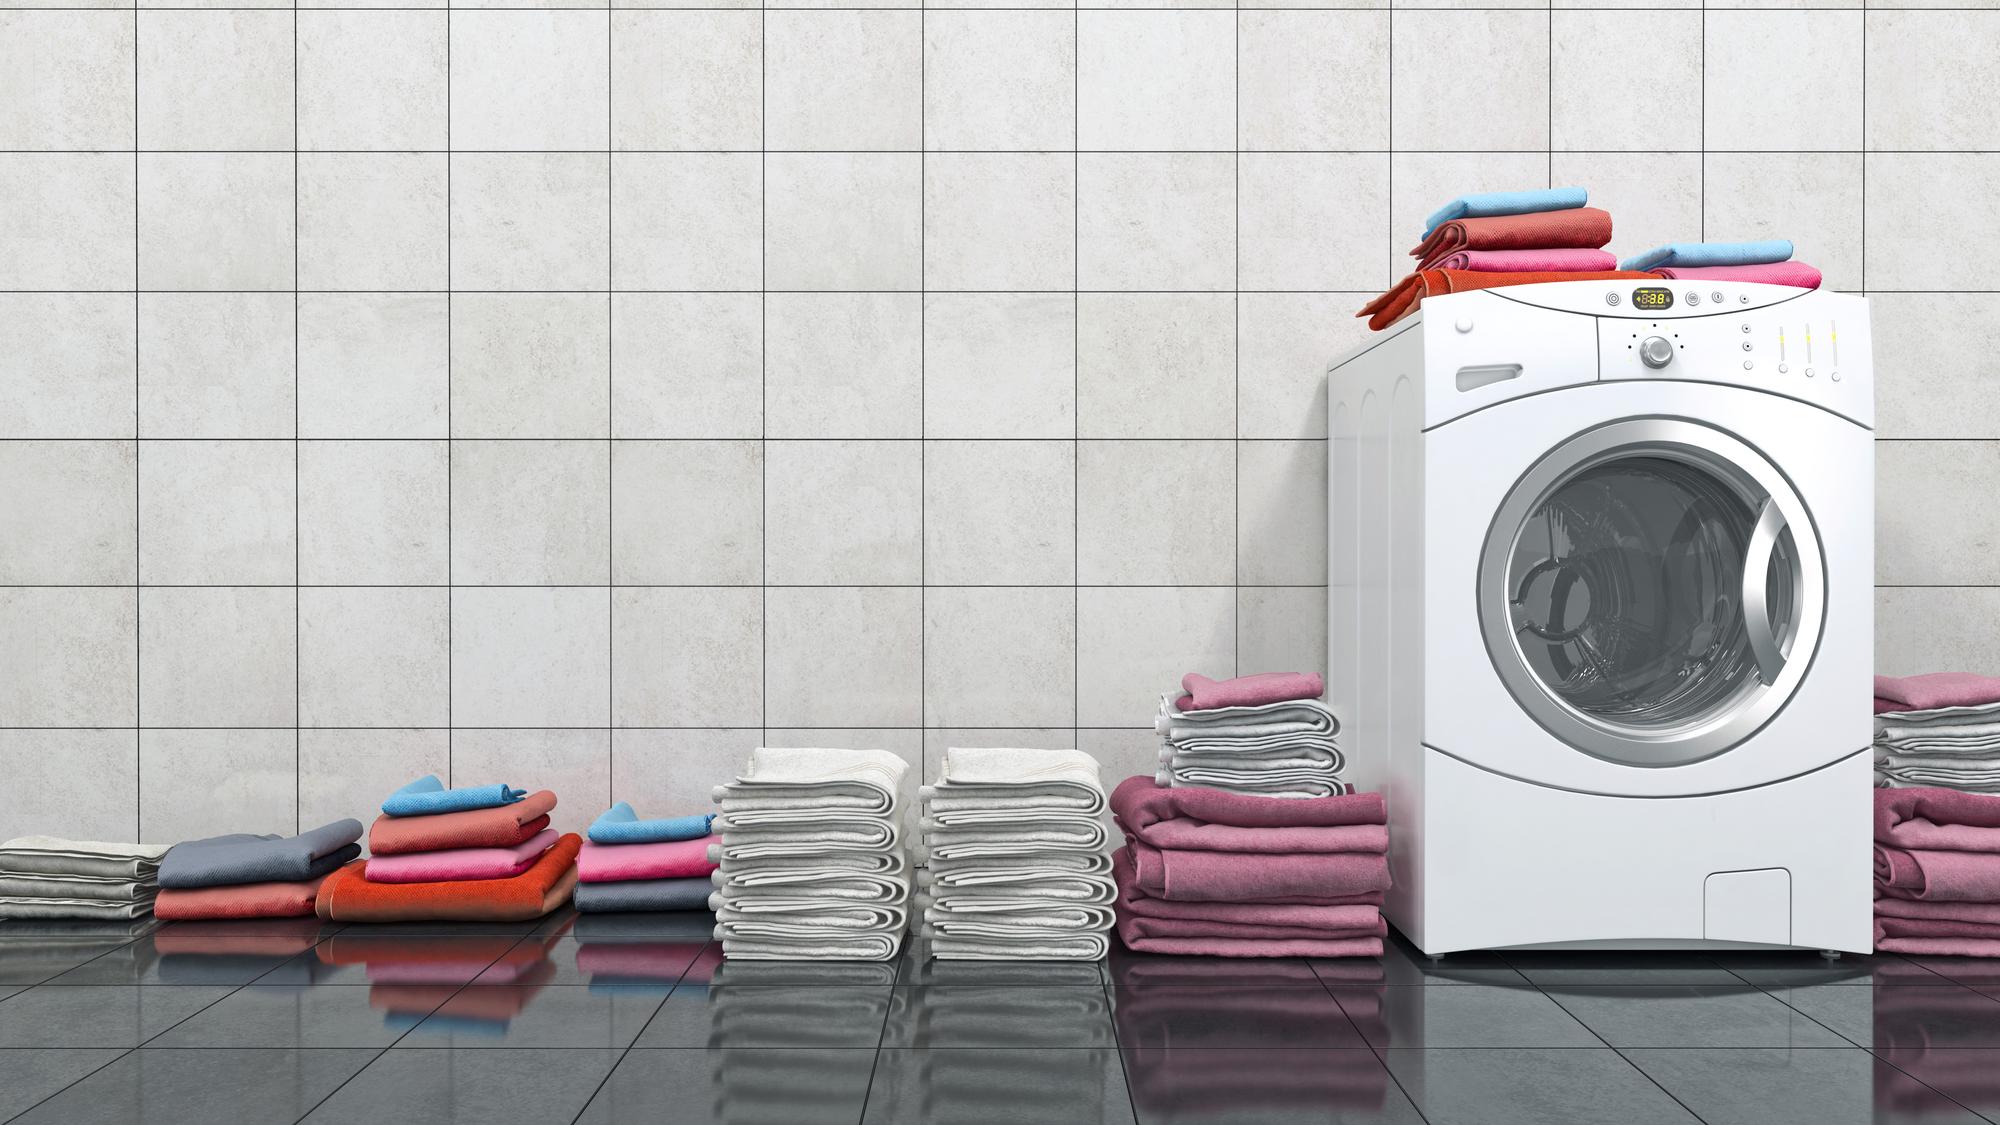 Klesvasken trenger en tørketrommel